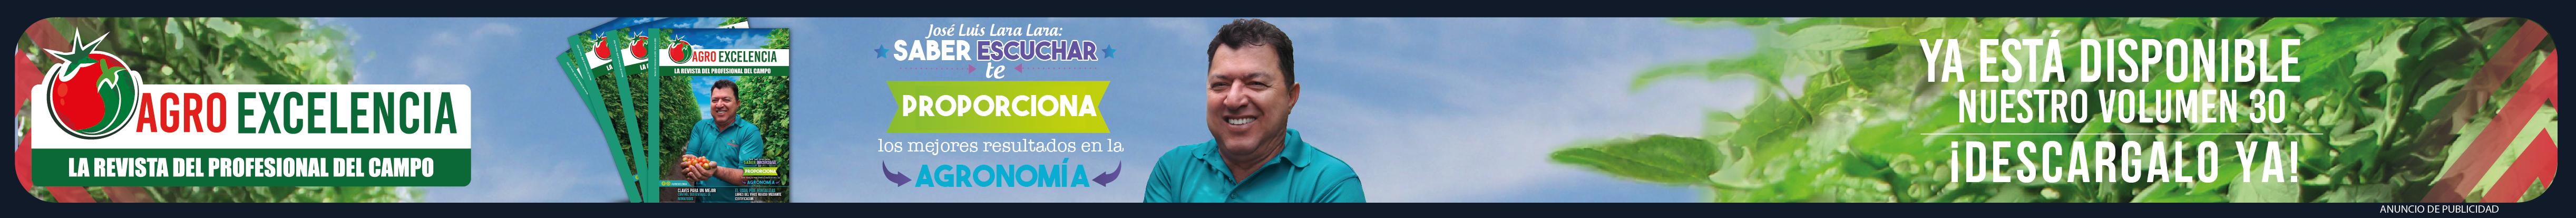 https://agroexcelencia.com/wp-content/uploads/2019/12/Slide-anuncio_1.png